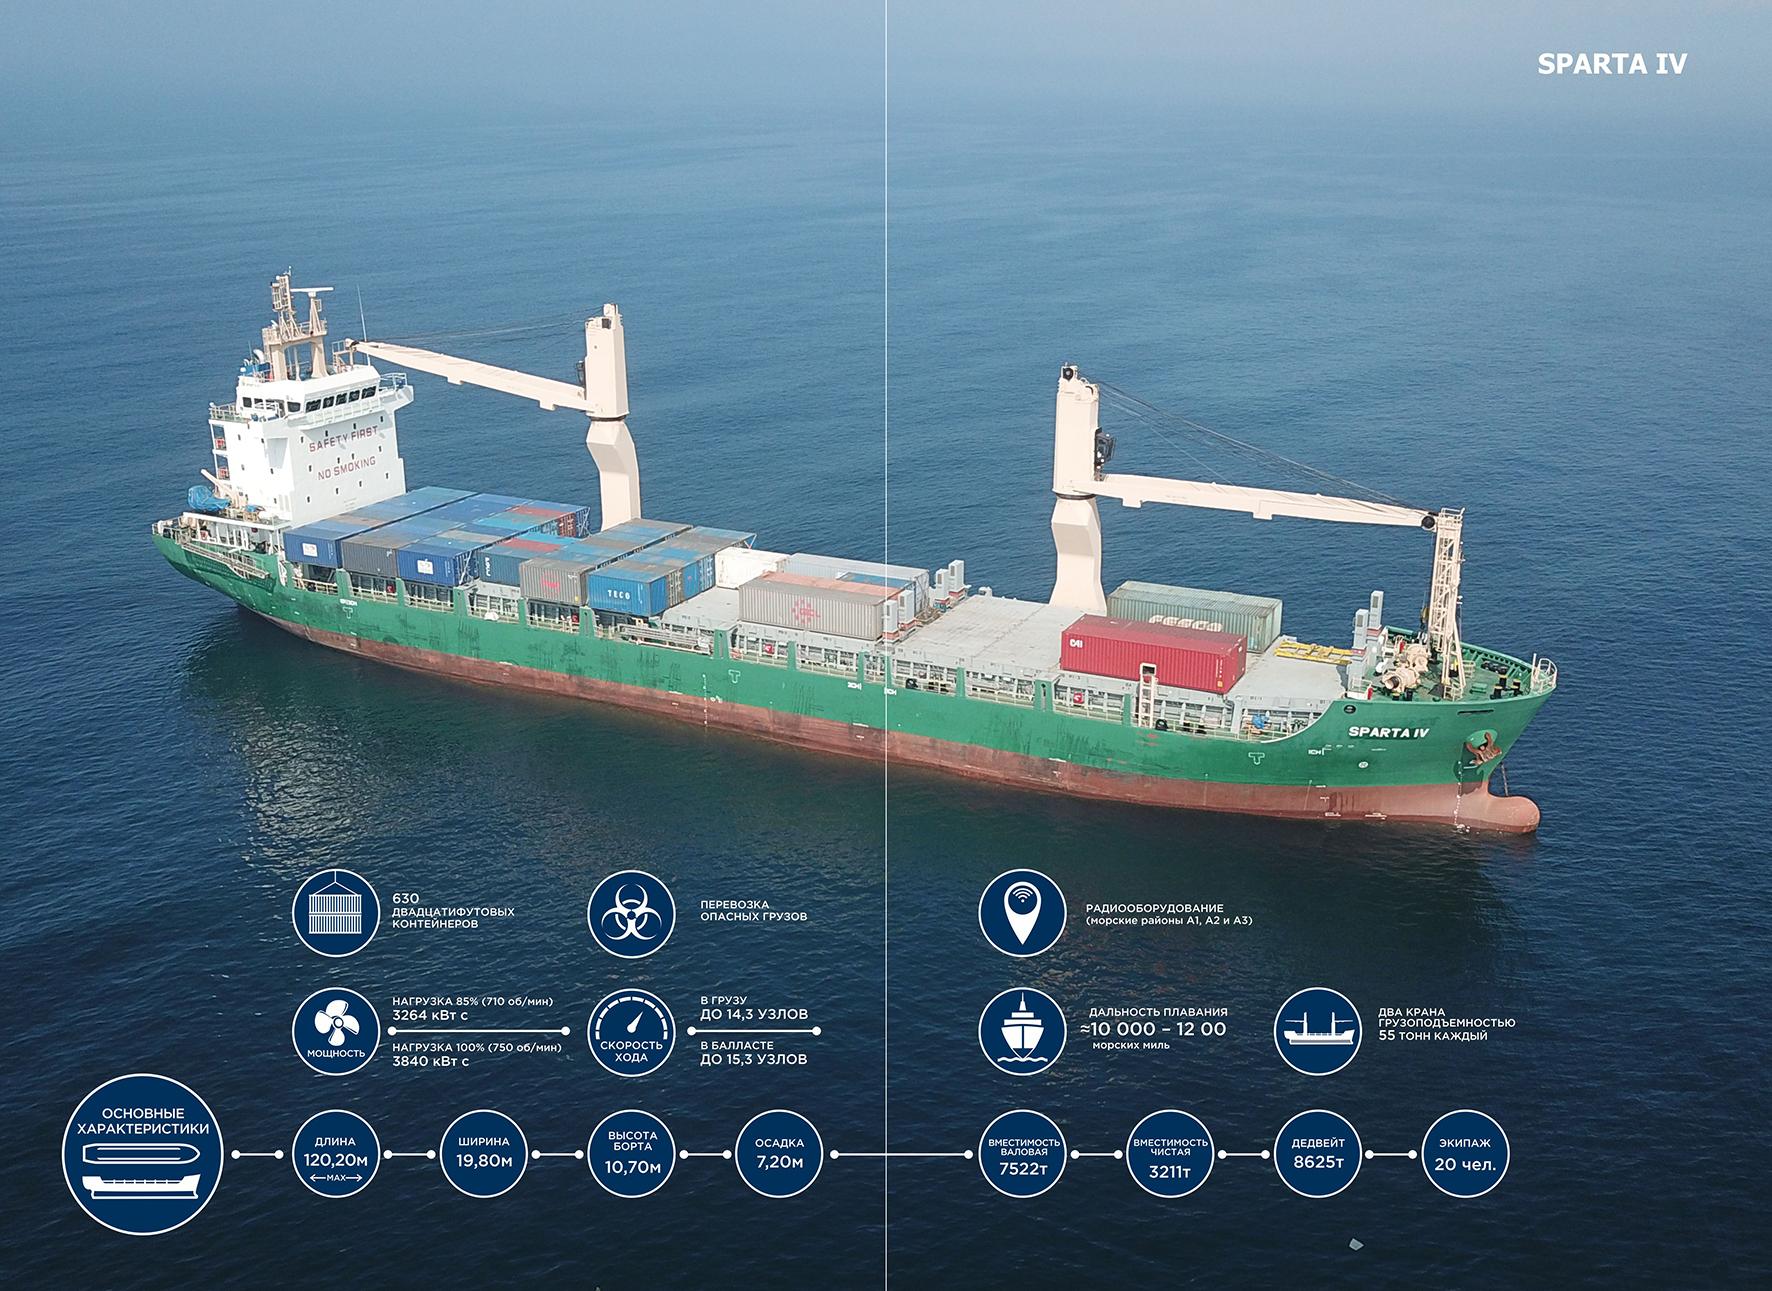 Инфографика для журнала о новом корабле компании фото f_3255b693ea32c8b8.jpg